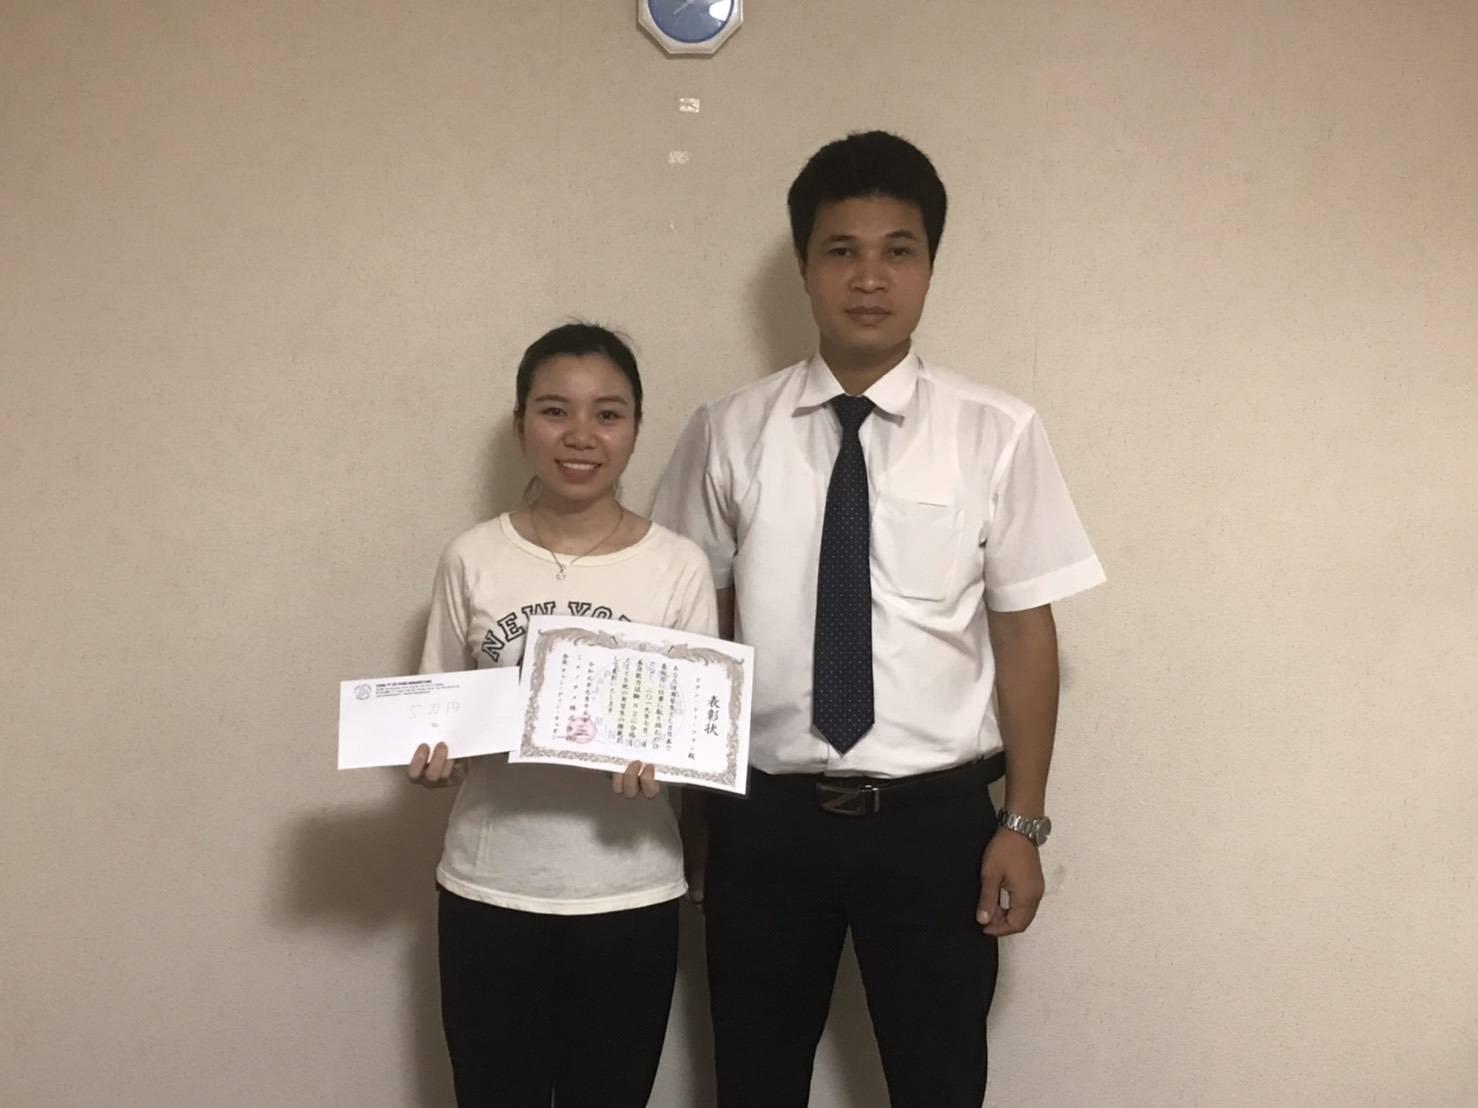 ベトナム人技能実習生の認定送出機関   ミナノタメ日本語教育センター